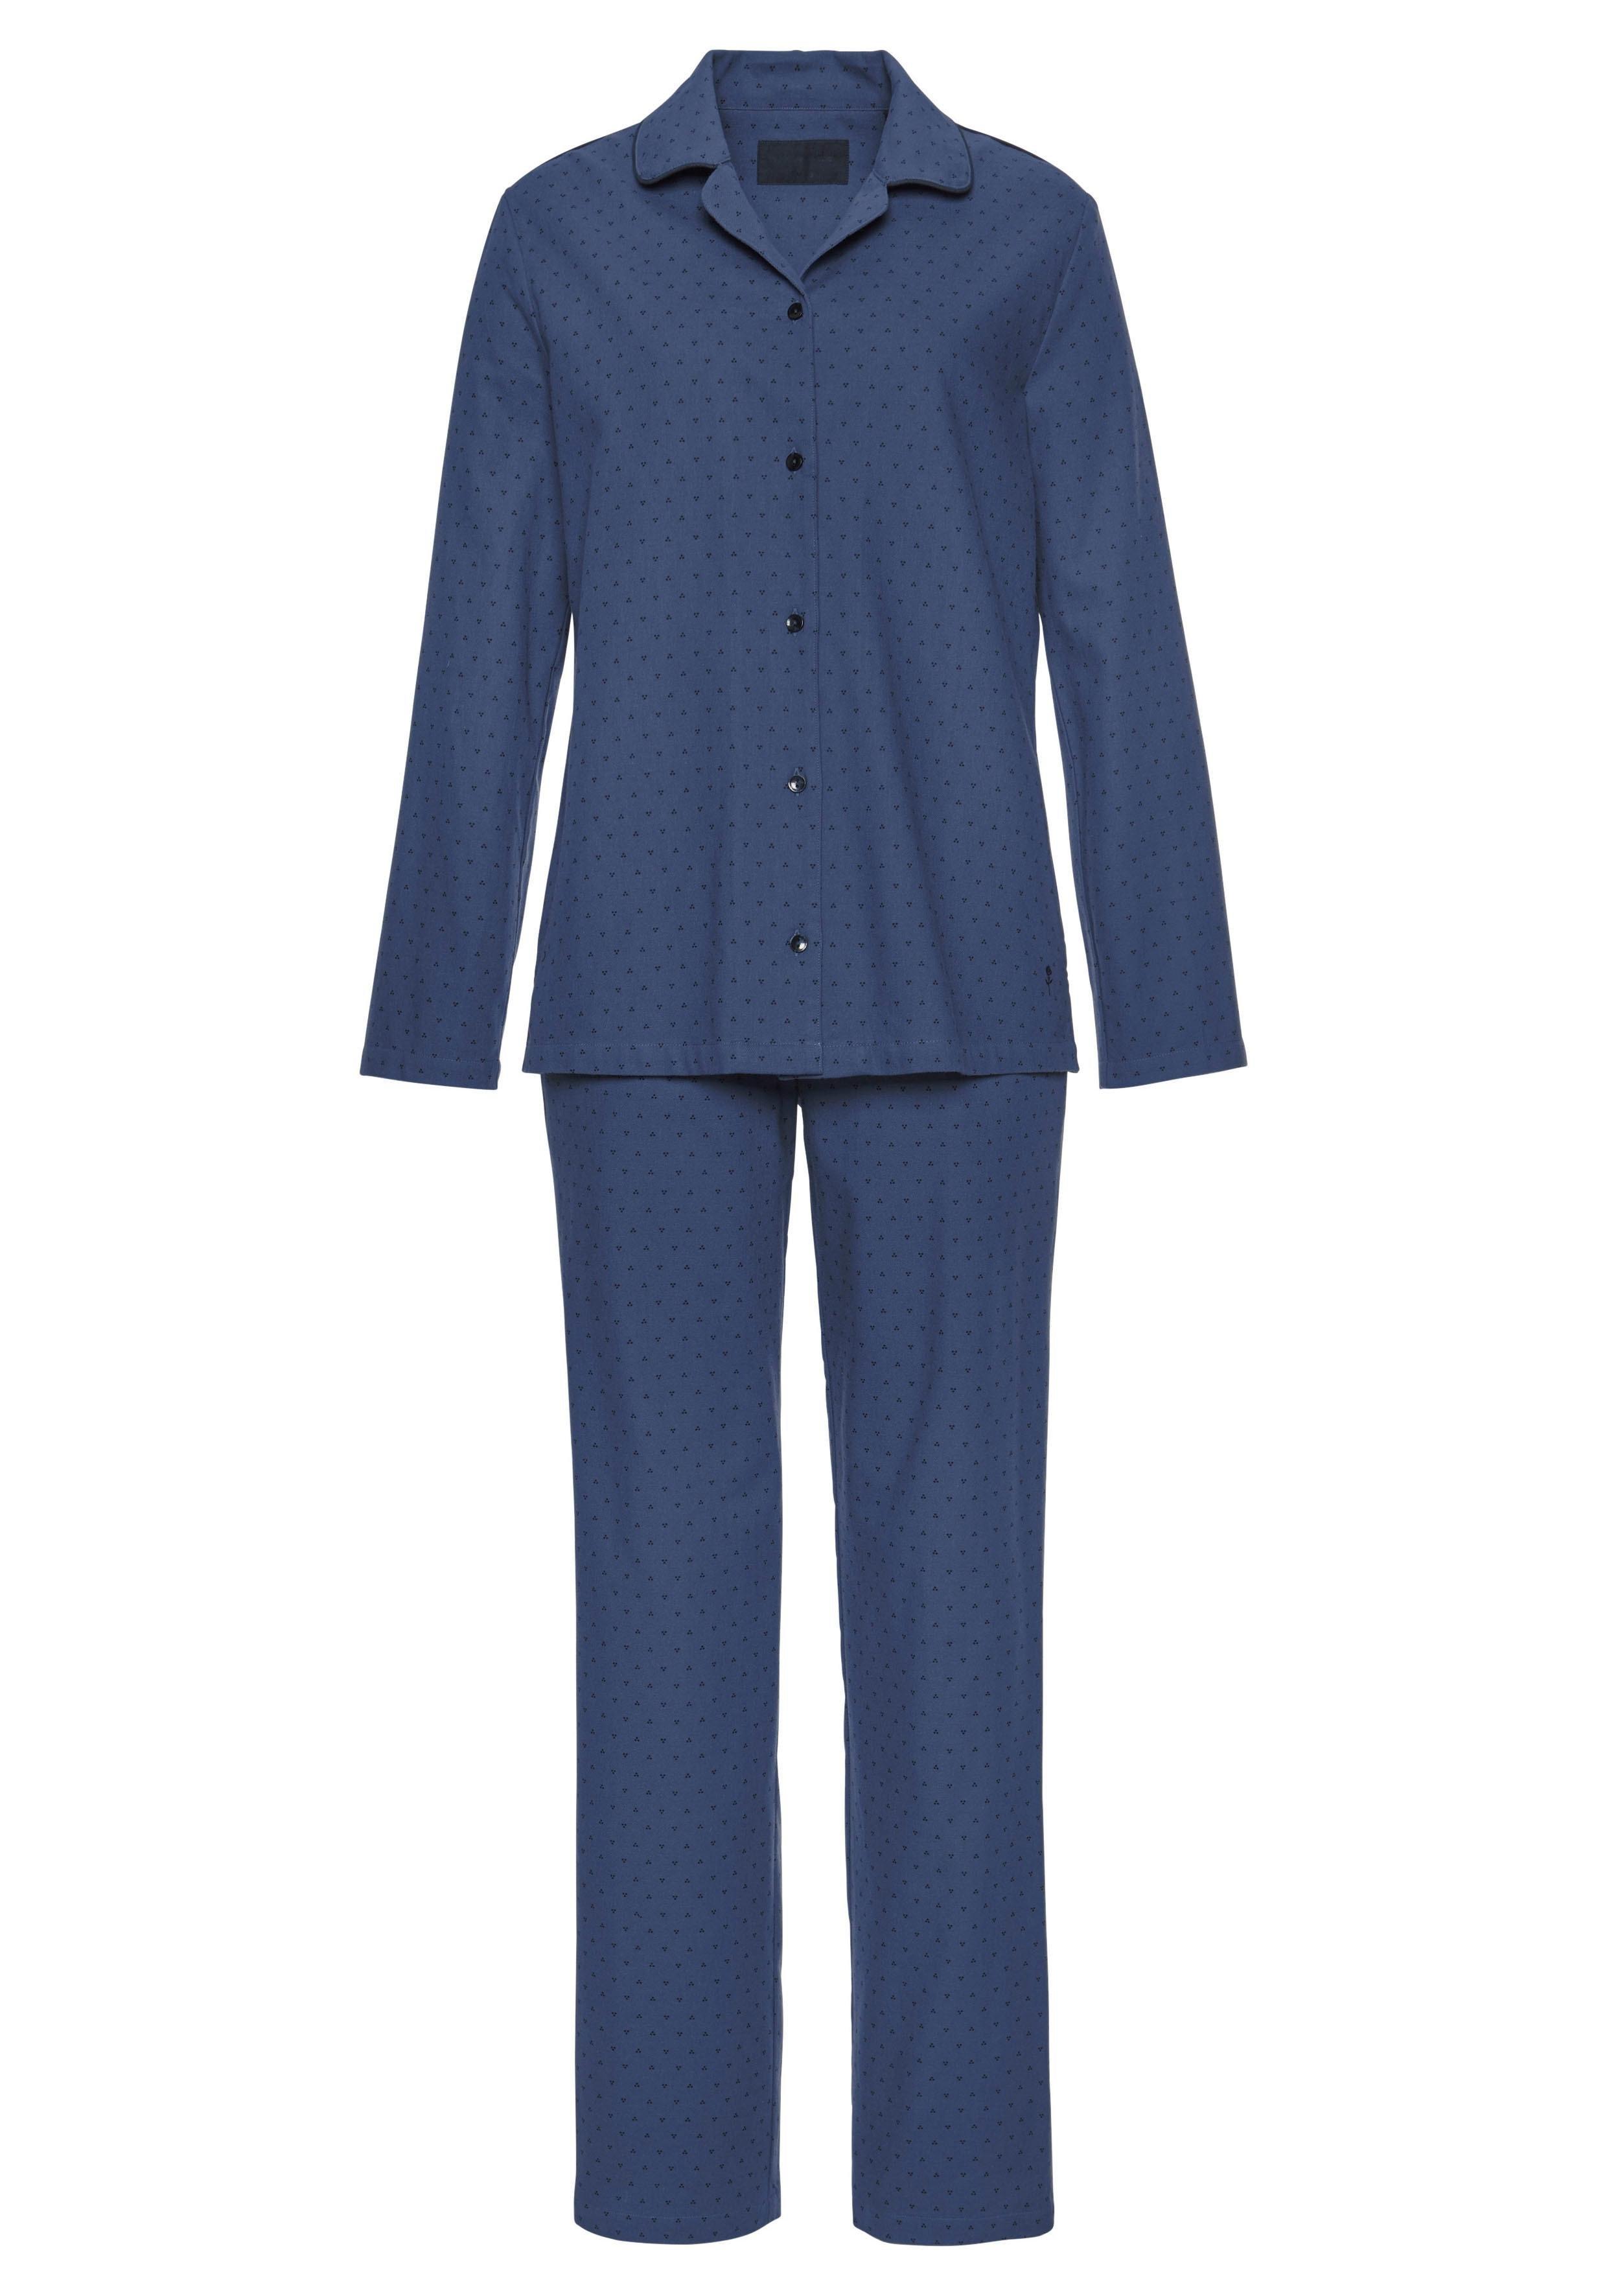 7702c8f2ab8 flanellen pyjama met stippenmotief allover